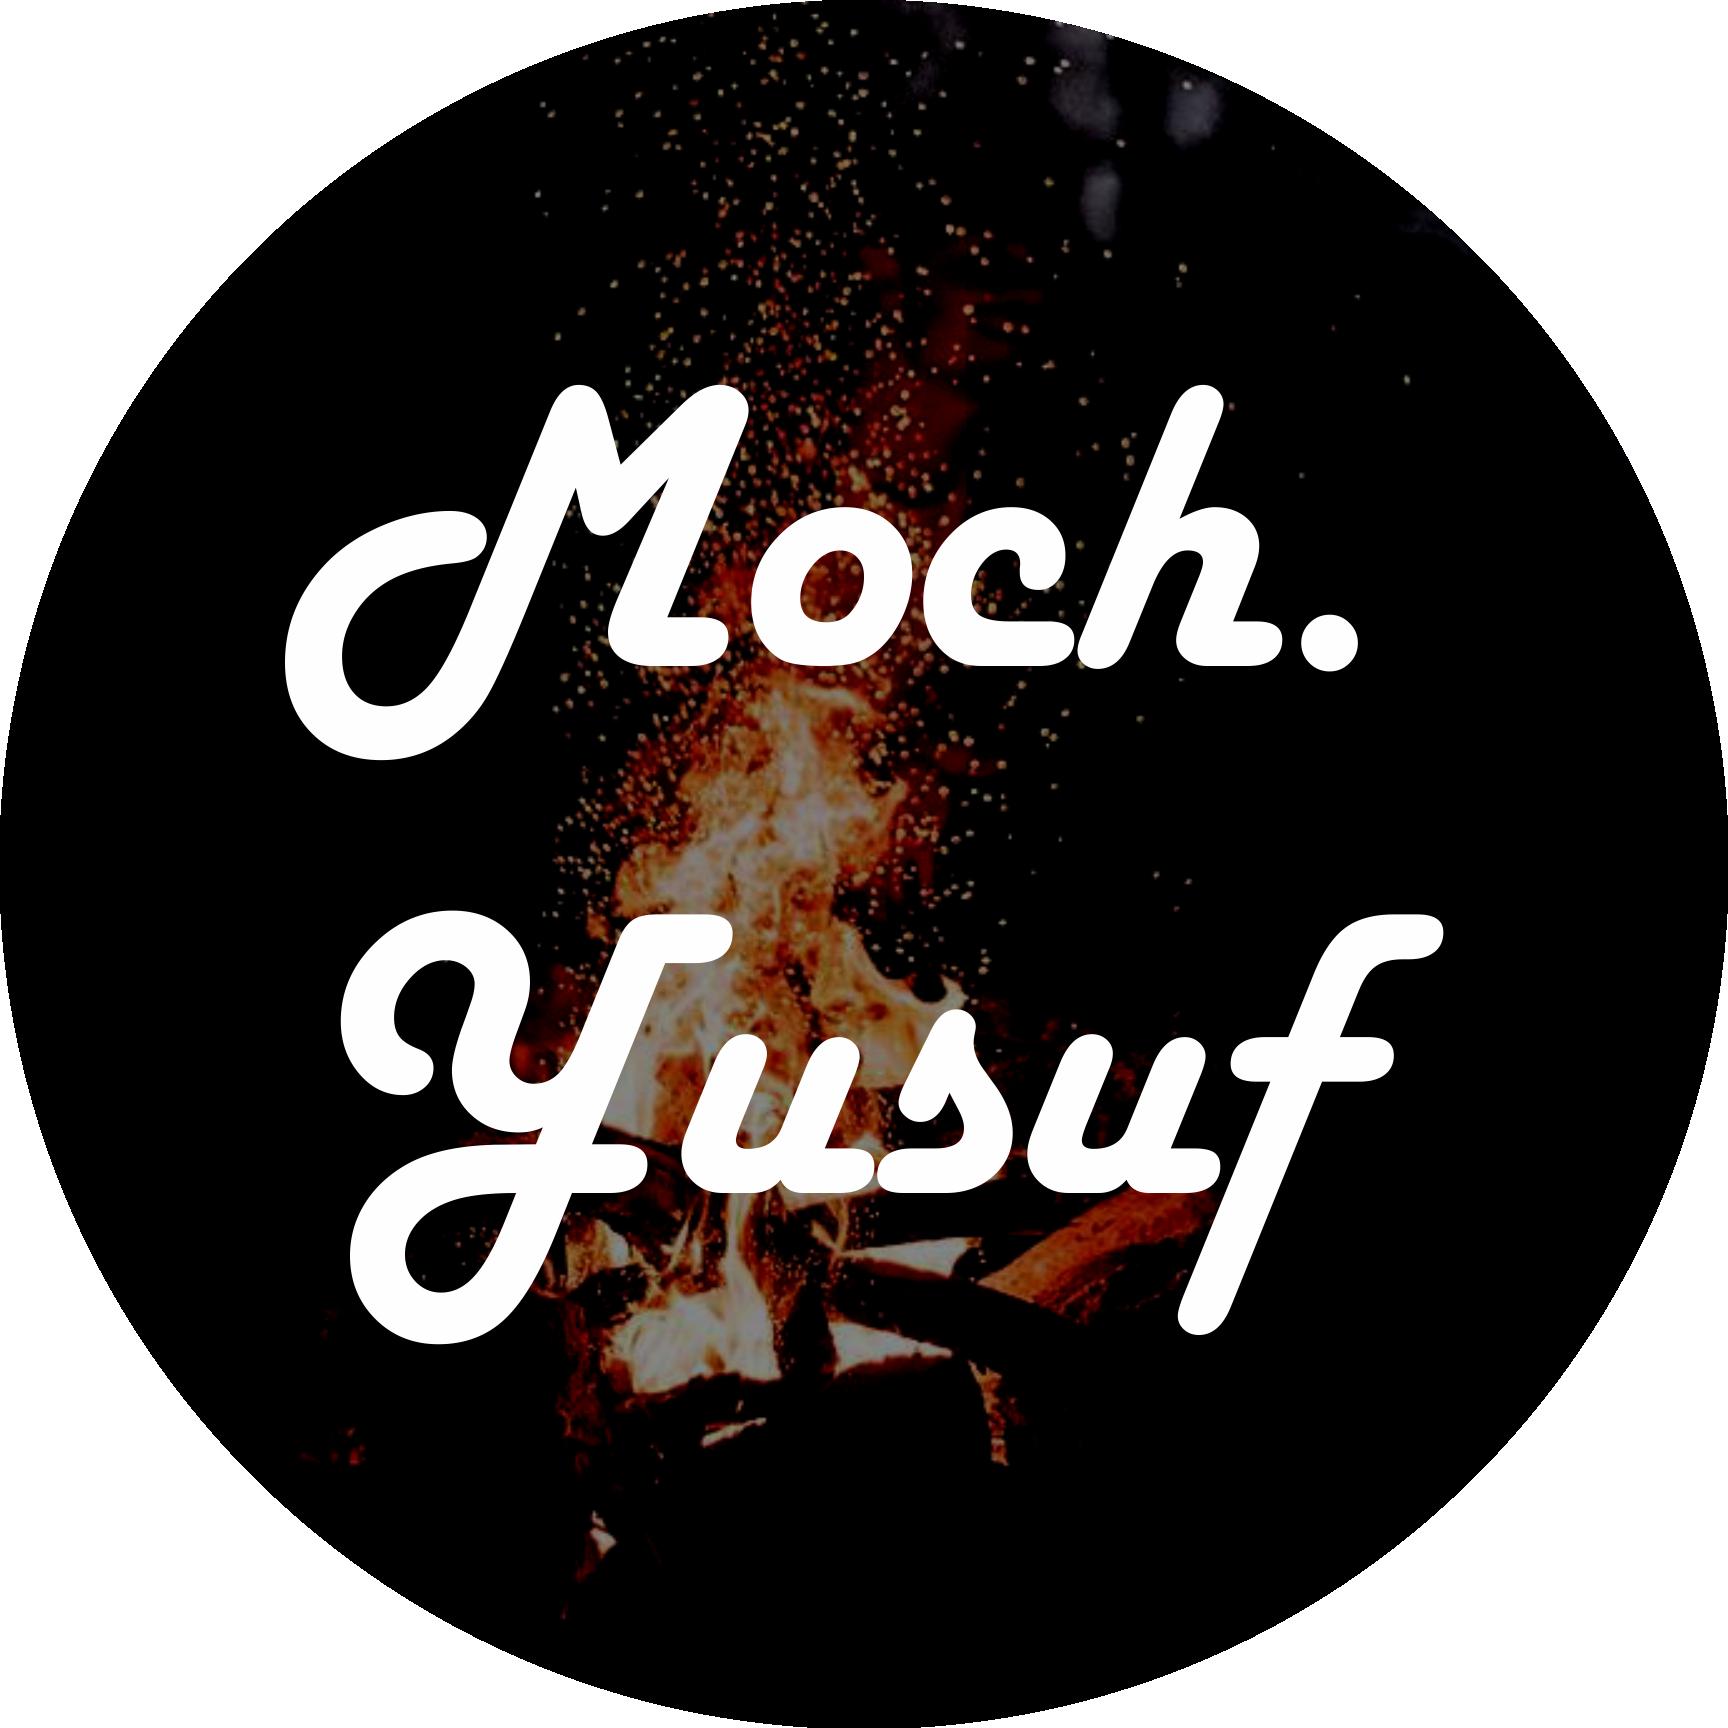 Moch. Yusuf